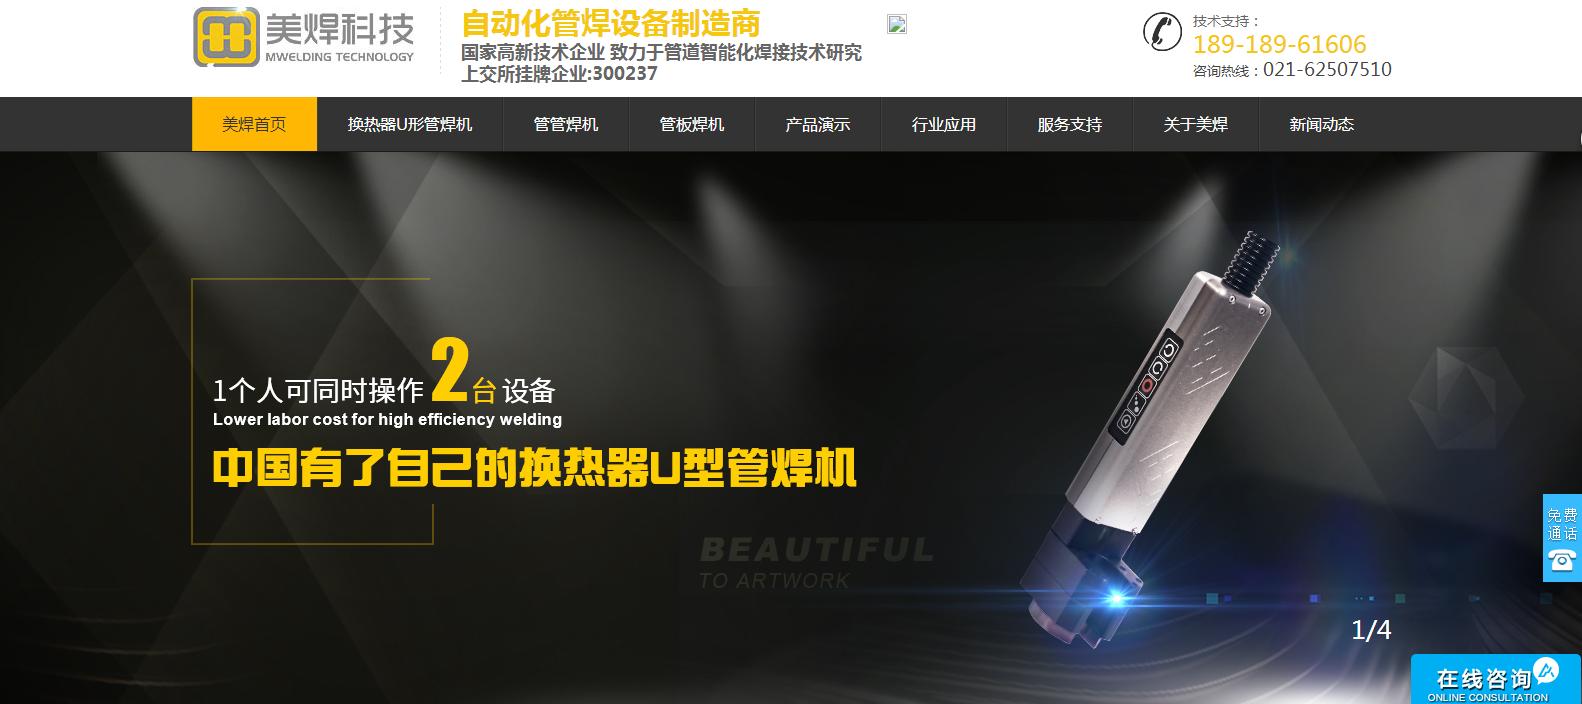 美焊自动管焊设备营销型网站